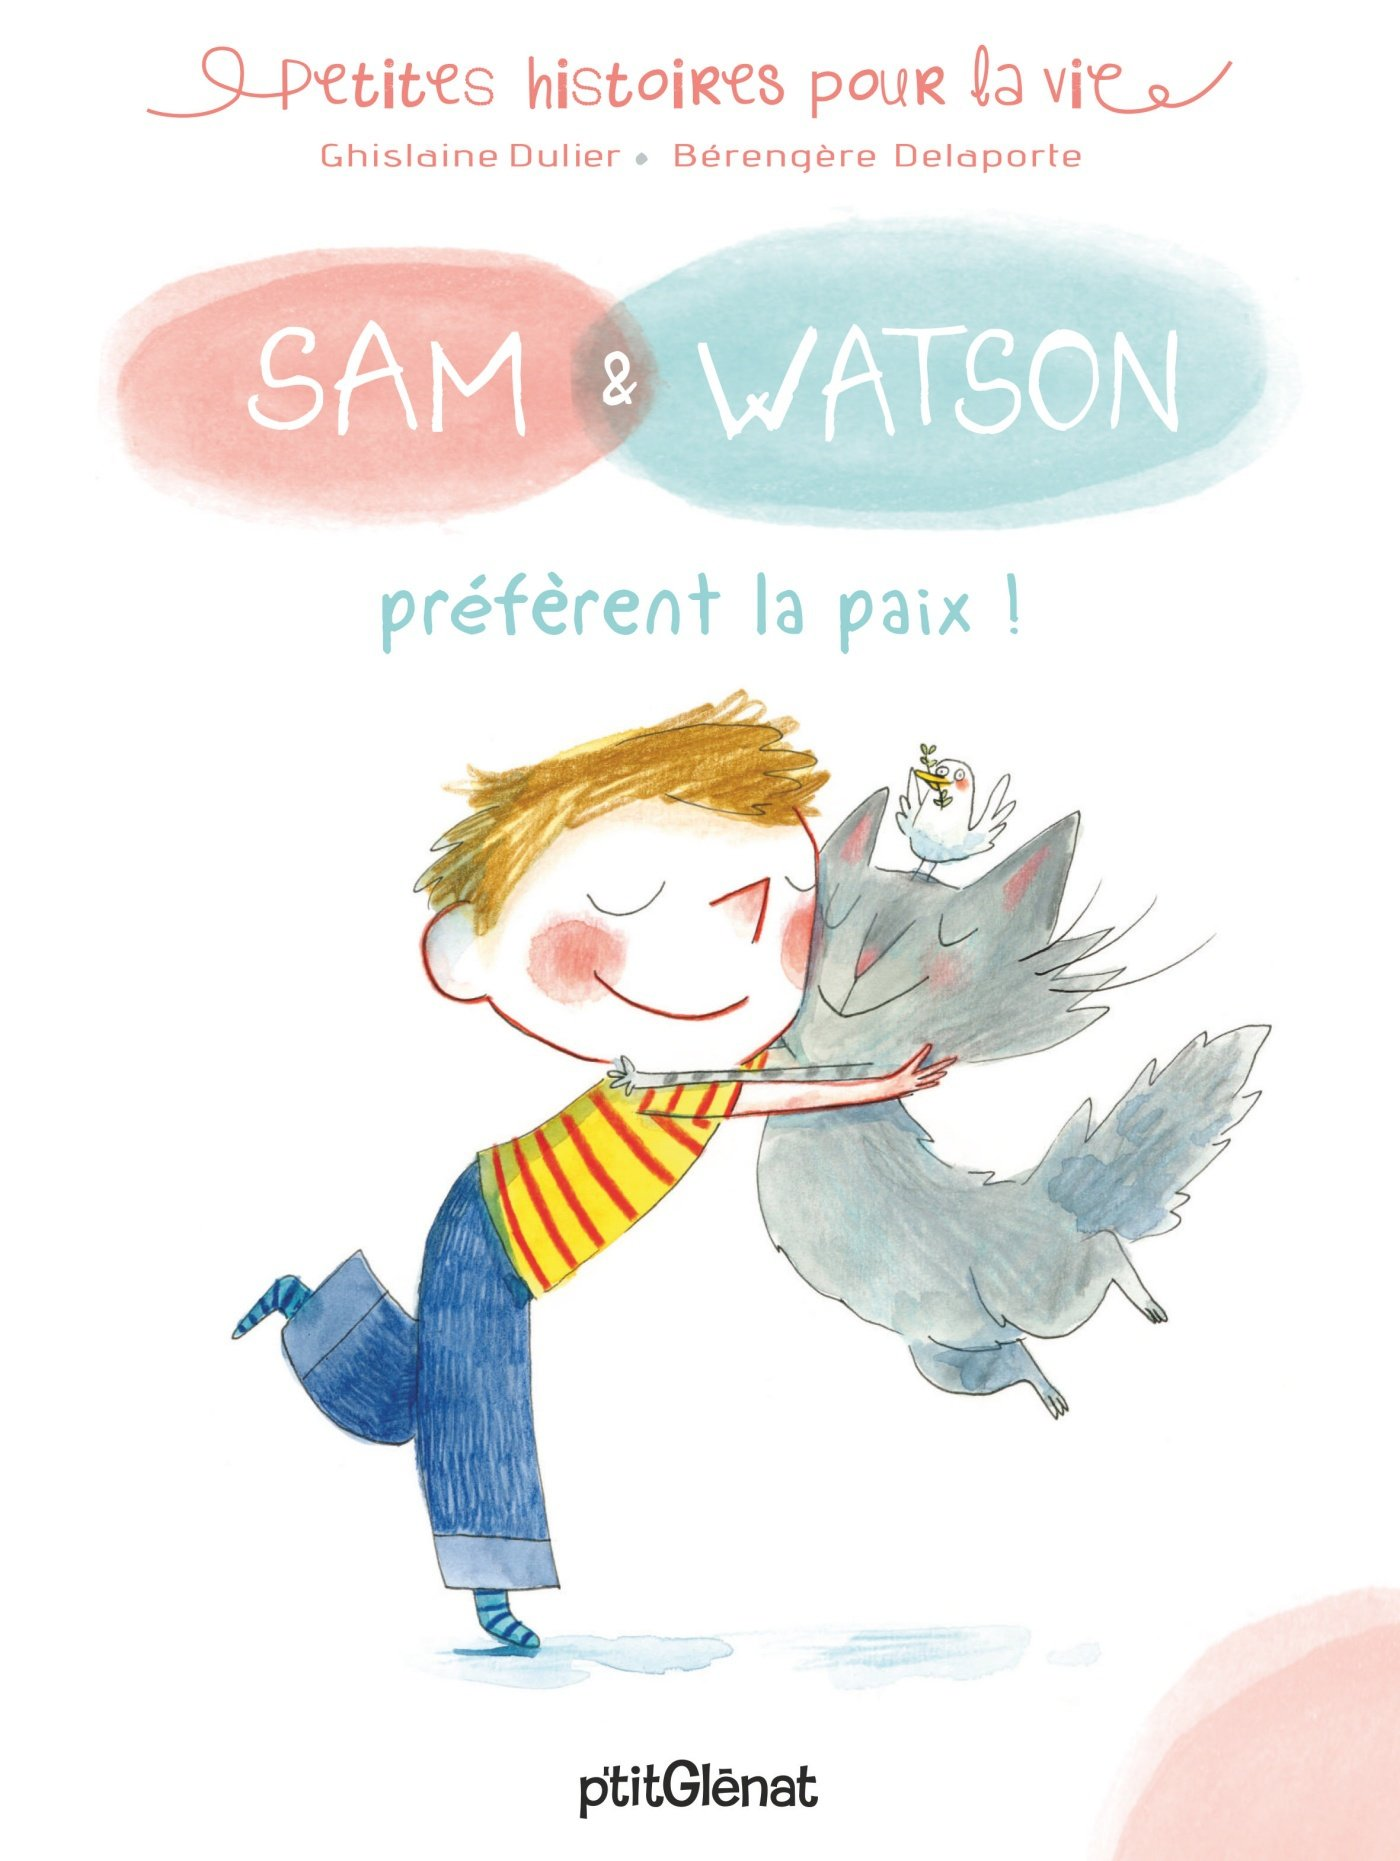 sam et watson préfèrent la paix